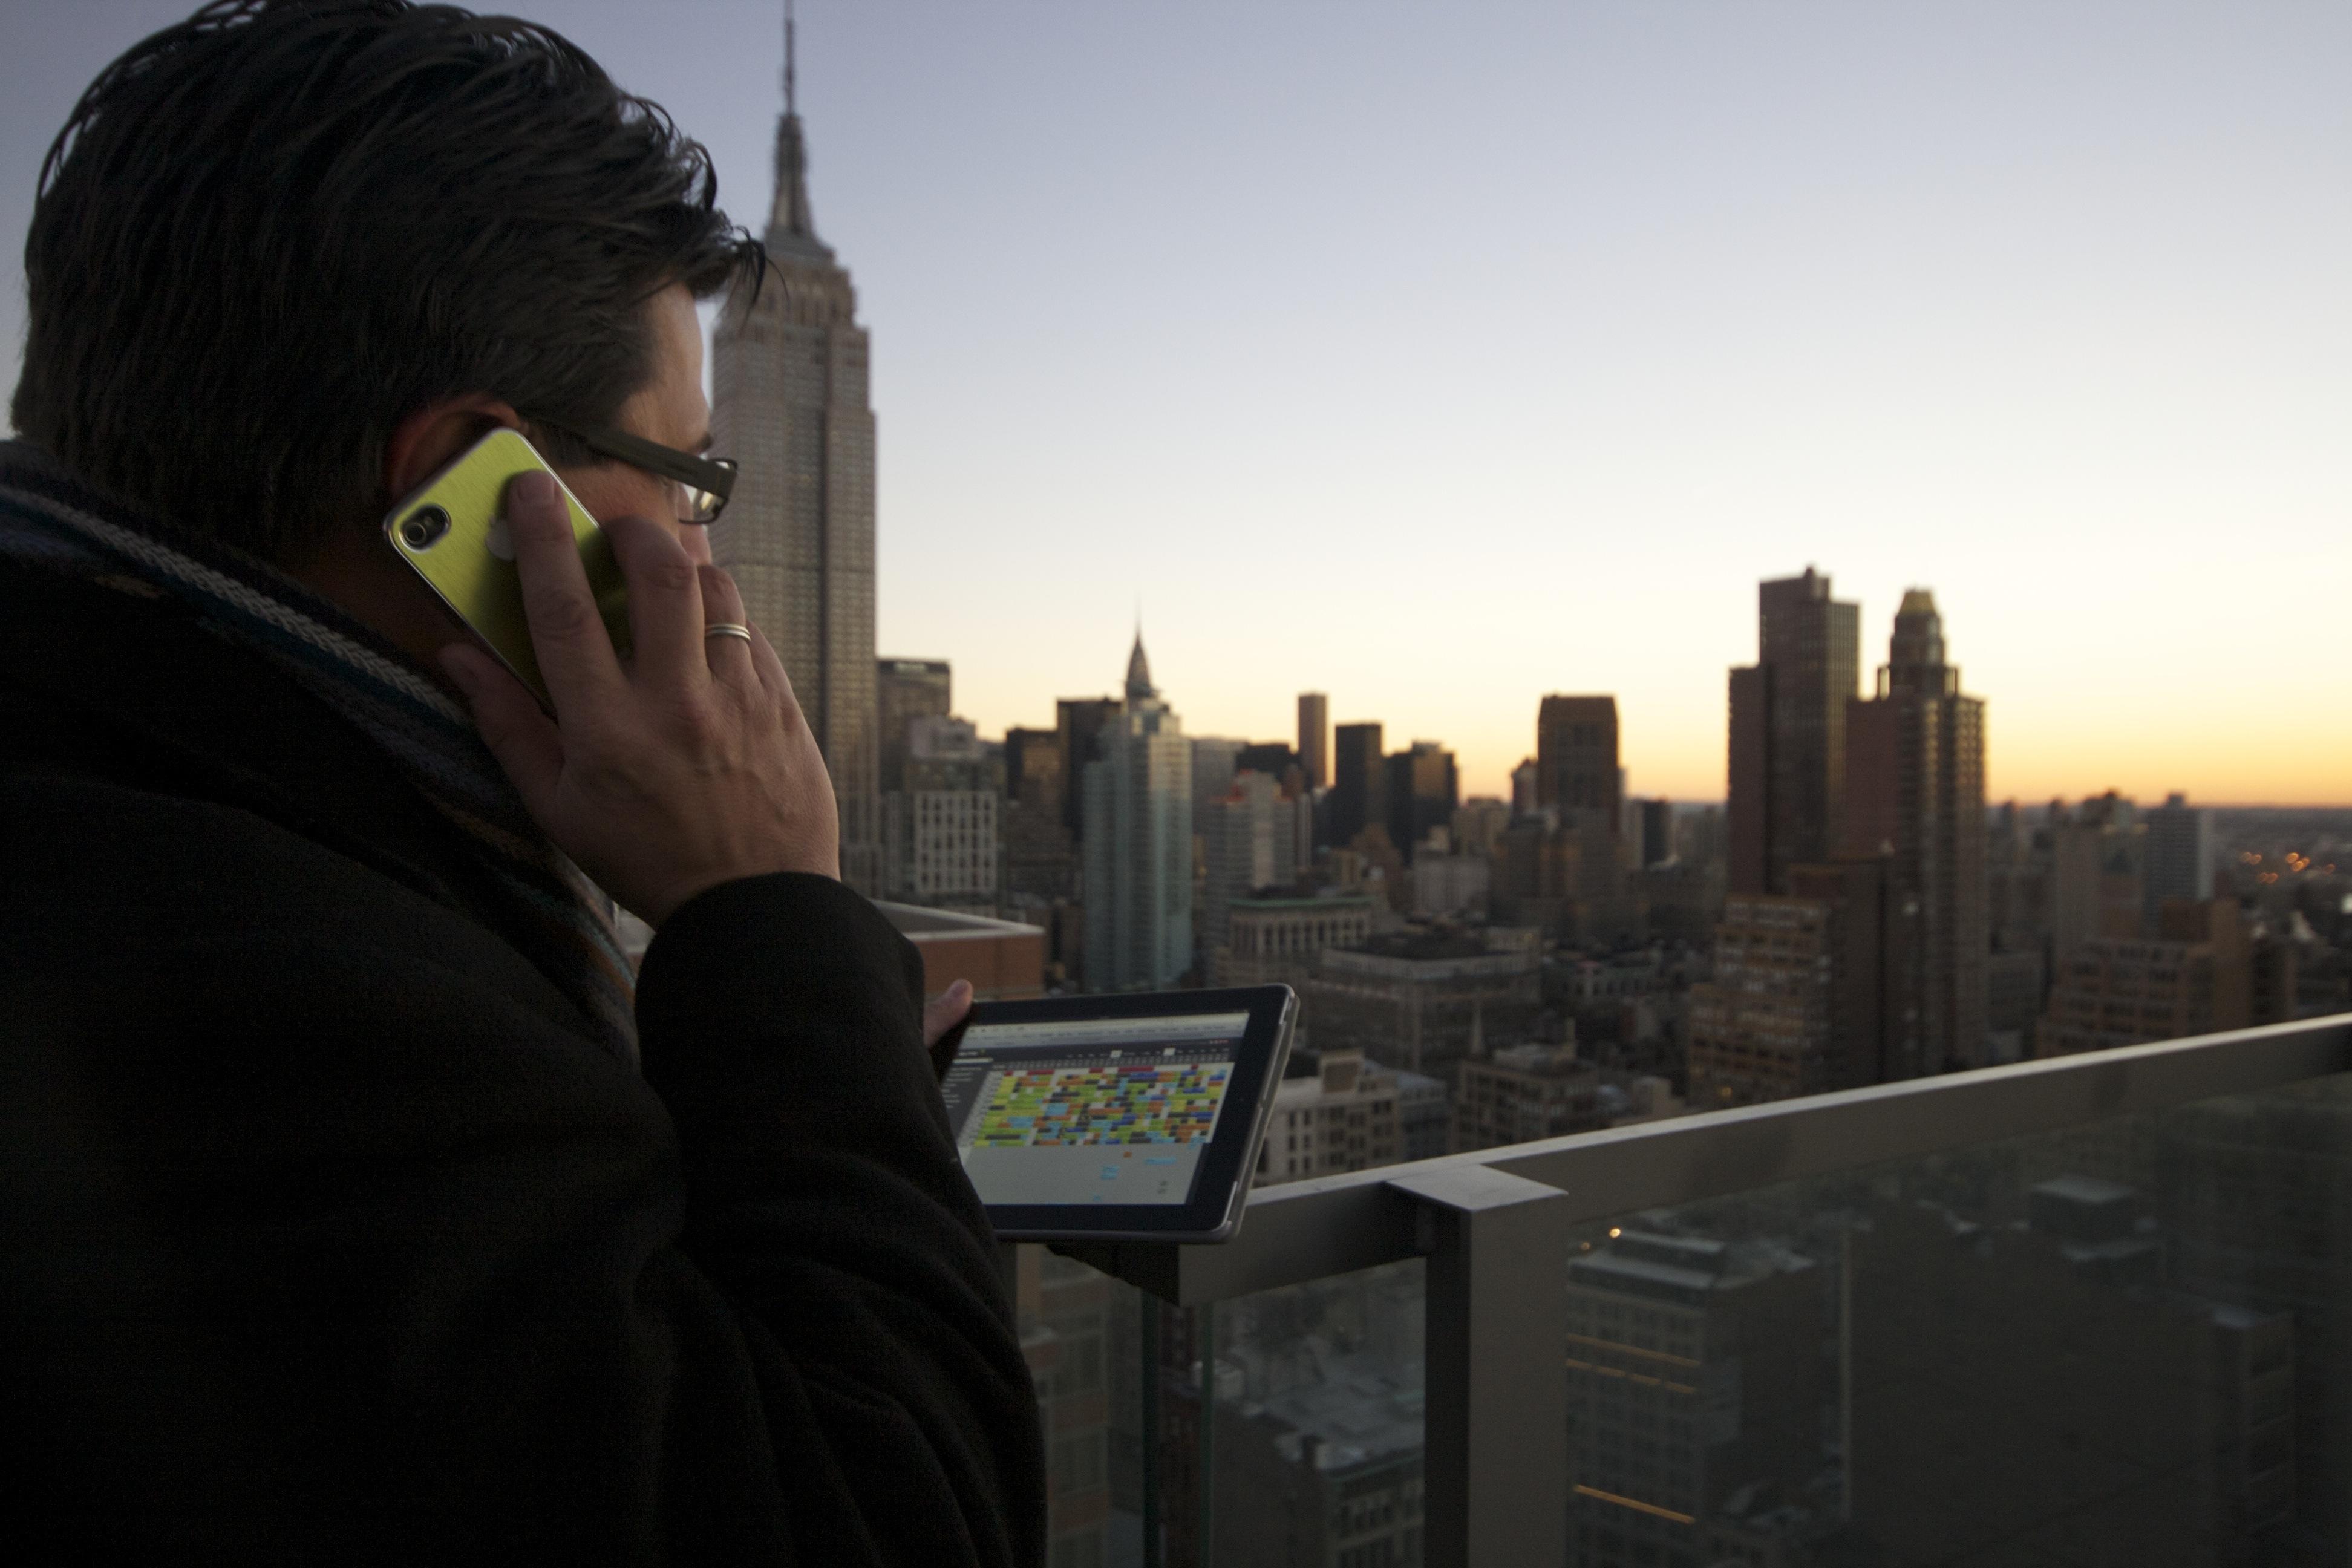 Ein kurzes Telefonat und einen Blick auf den online Belegungsplan in Midtown Manhattan, mit dem Blick auf das Empire State Buildung und dem Chrysler. #NYC